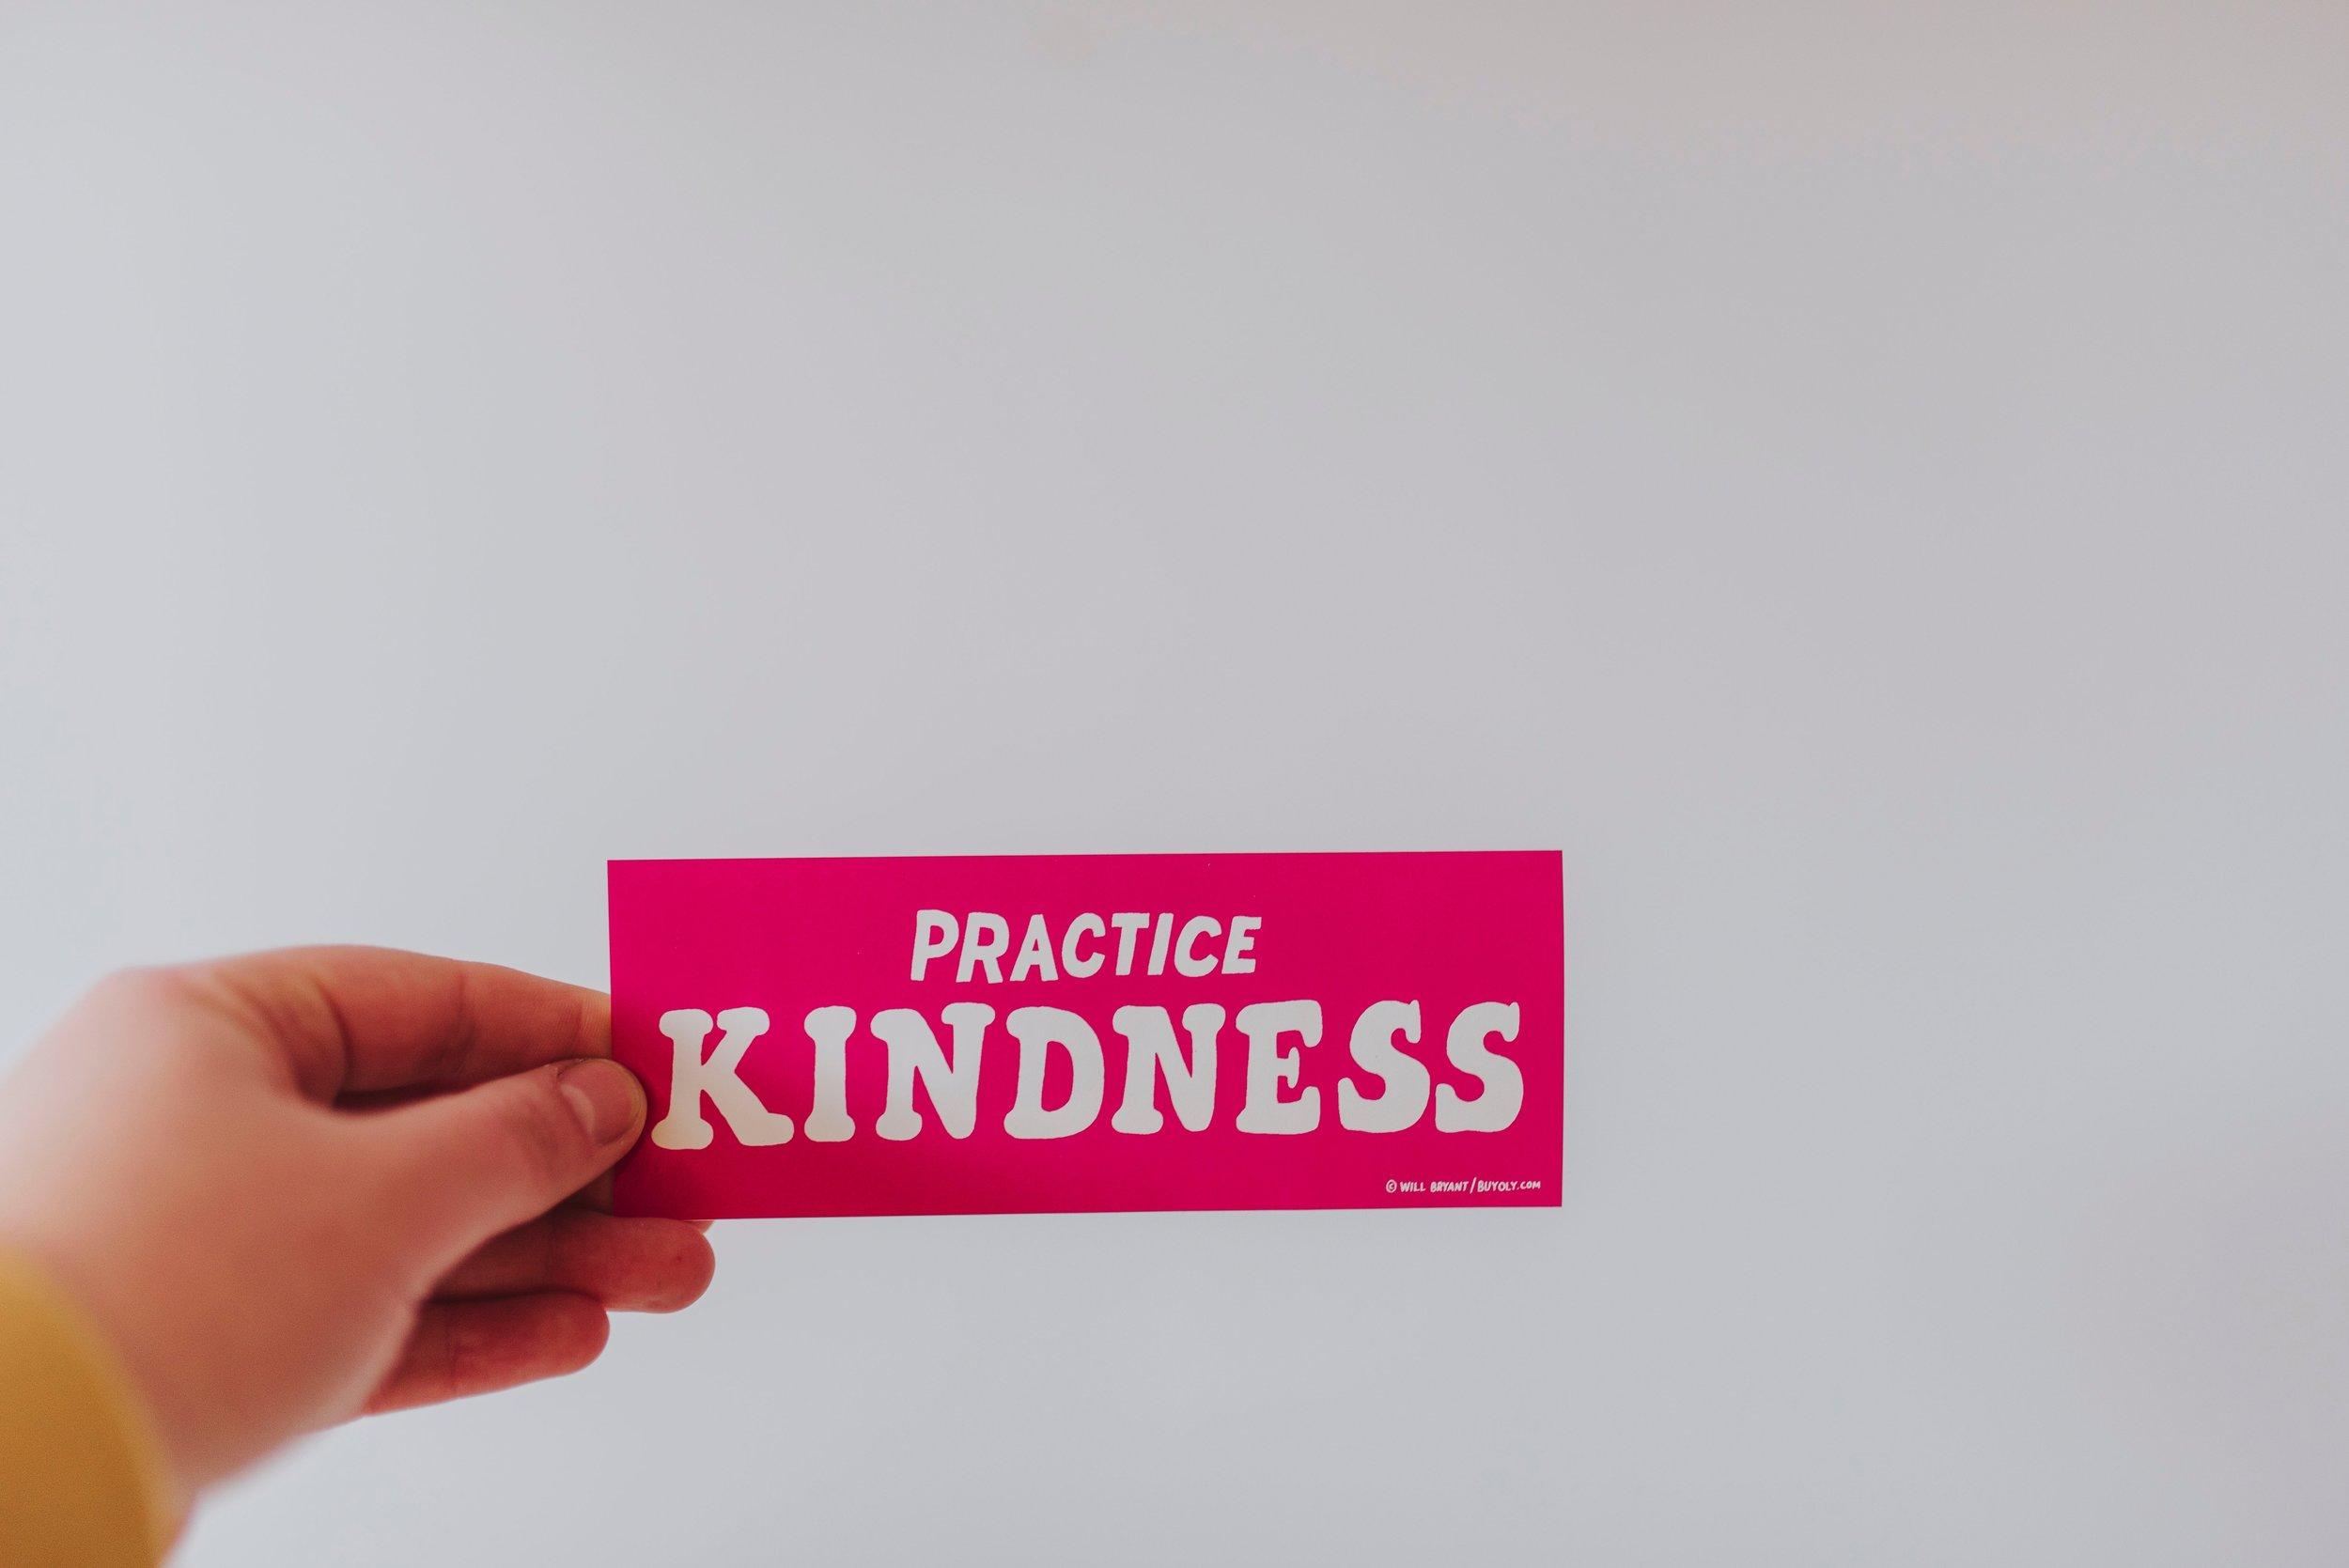 kindness-naomi-shihab-nye